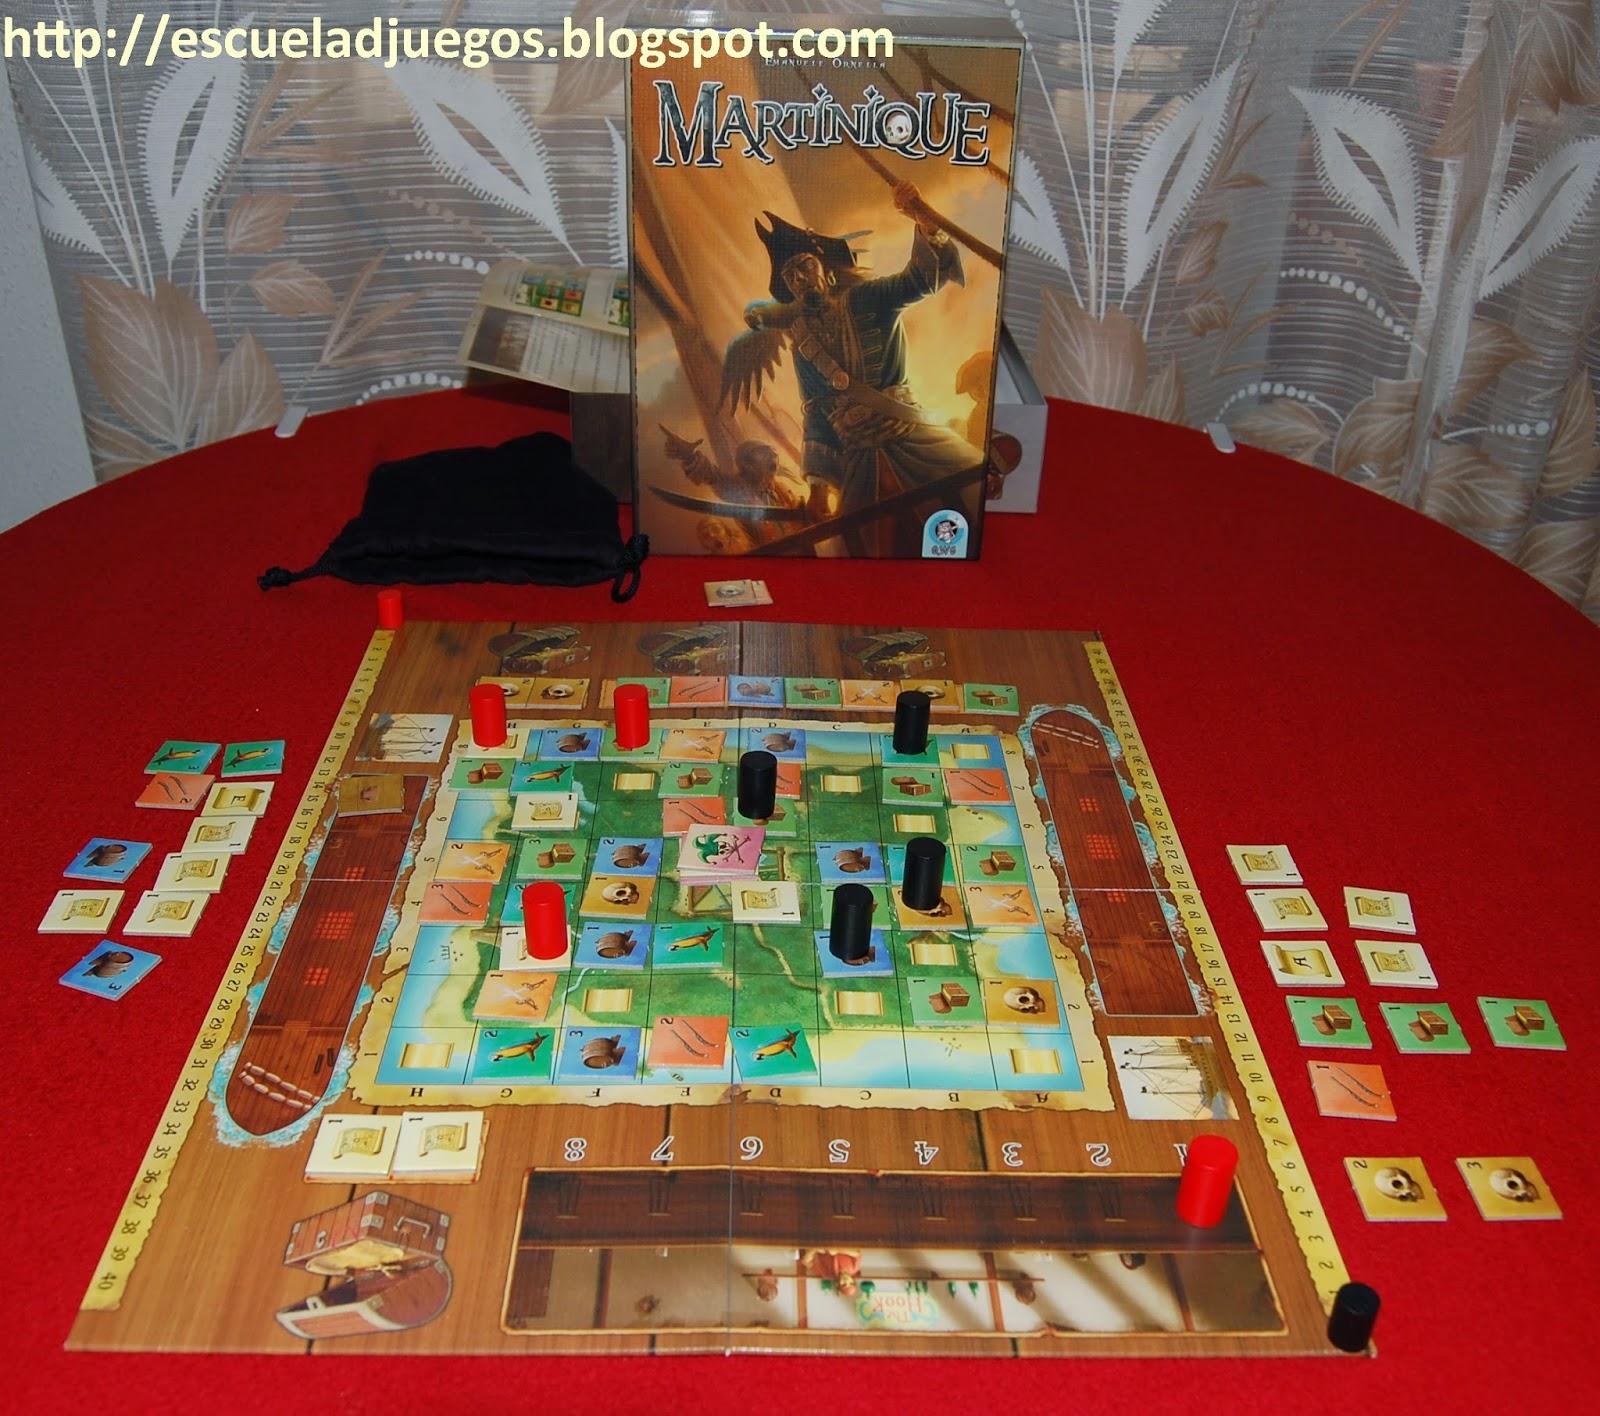 Reseña de Martinique, juego de mesa para 2 jugadores de Quined White Goblin Games